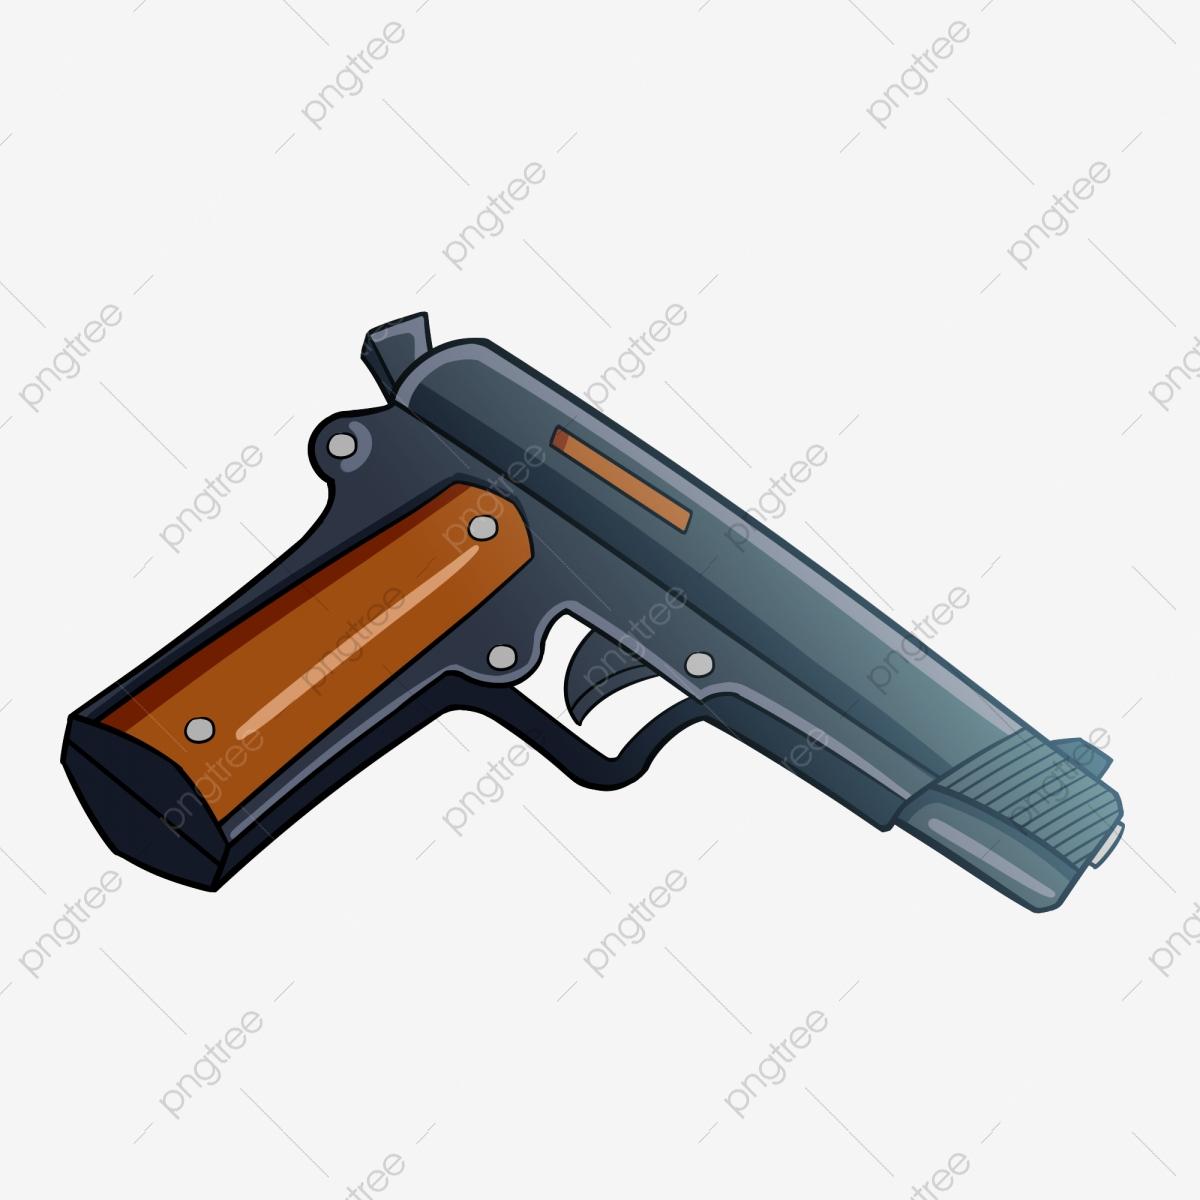 Pistolet Militaire Pistolet De Dessin Animé Pistolet Semi pour Comment Dessiner Un Fusil